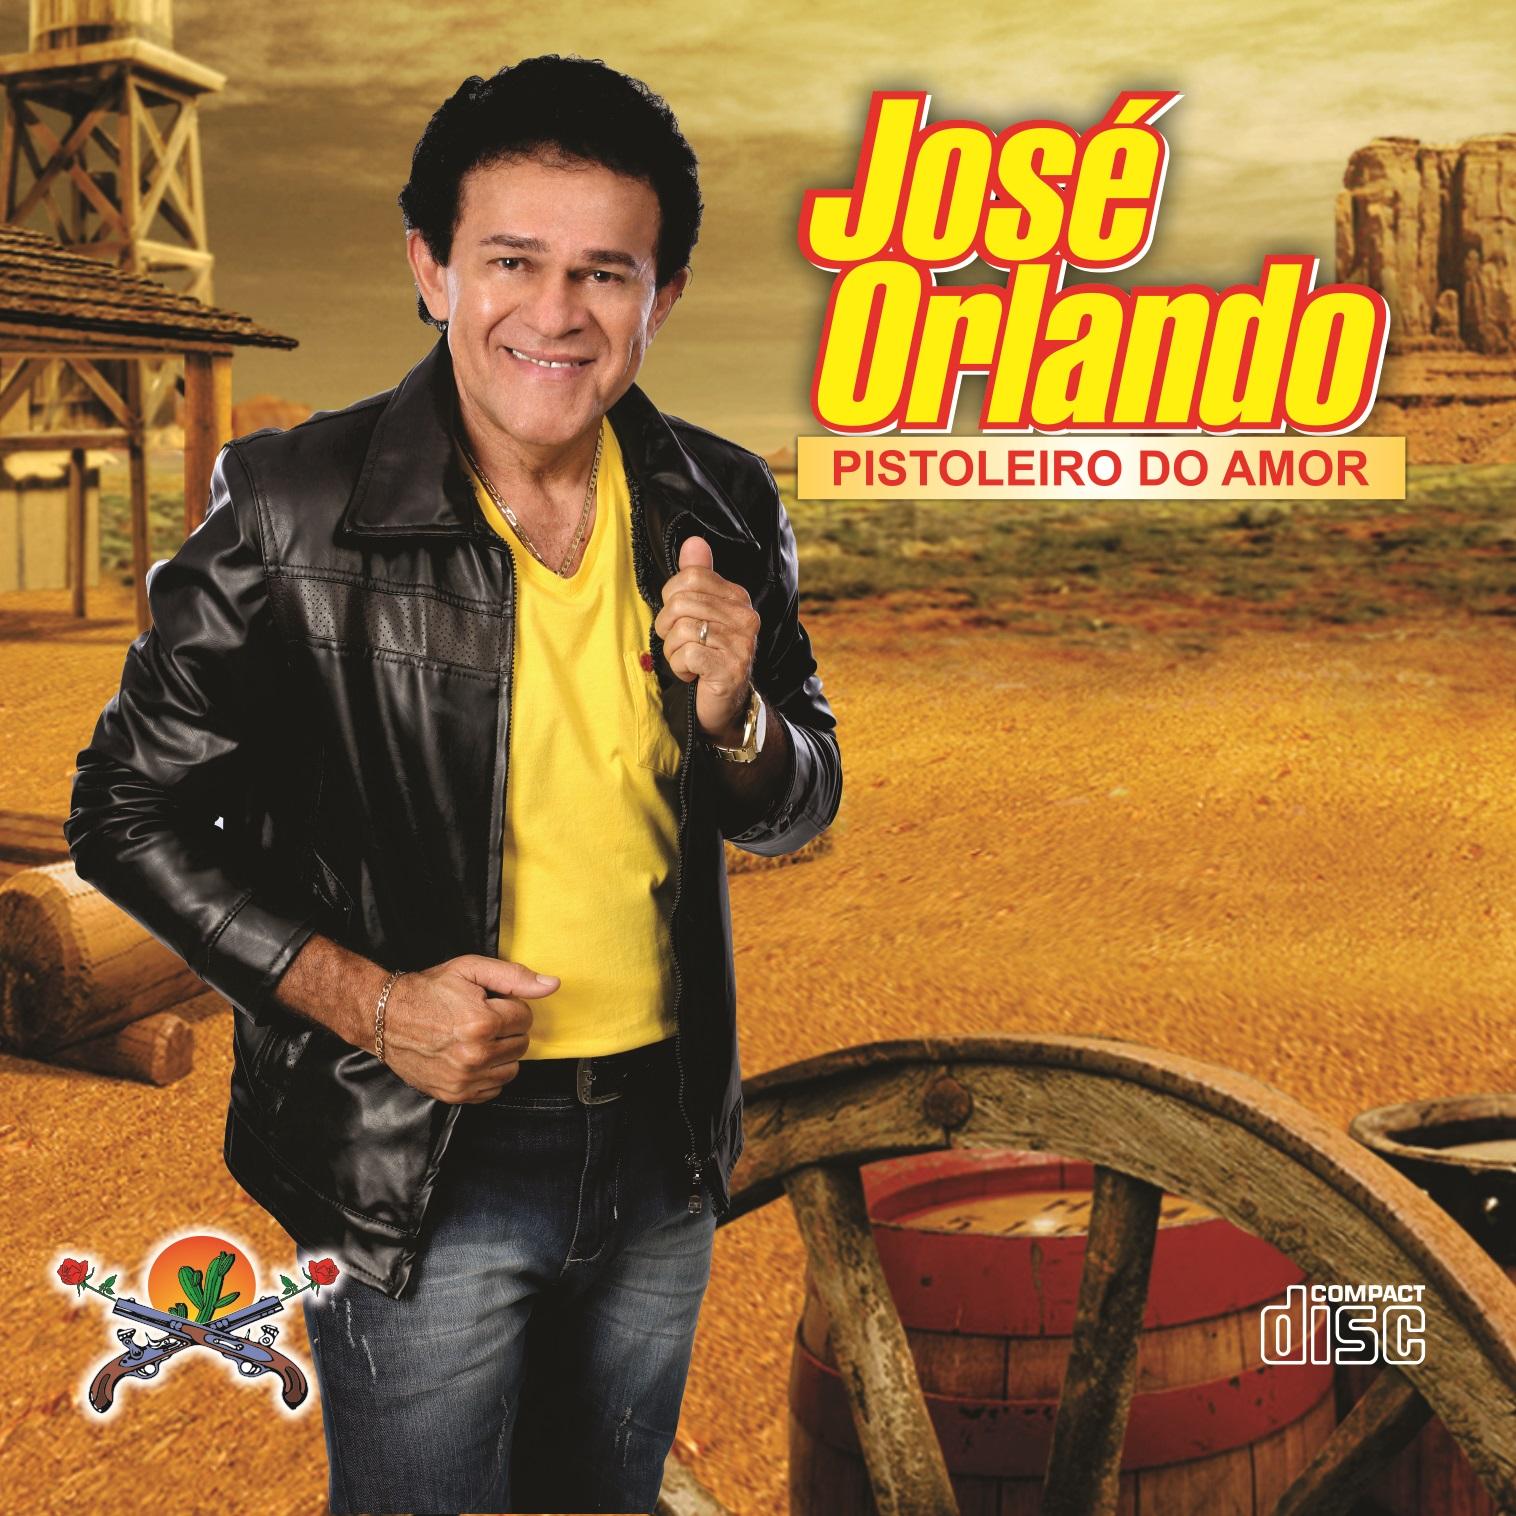 José Orlando 2016